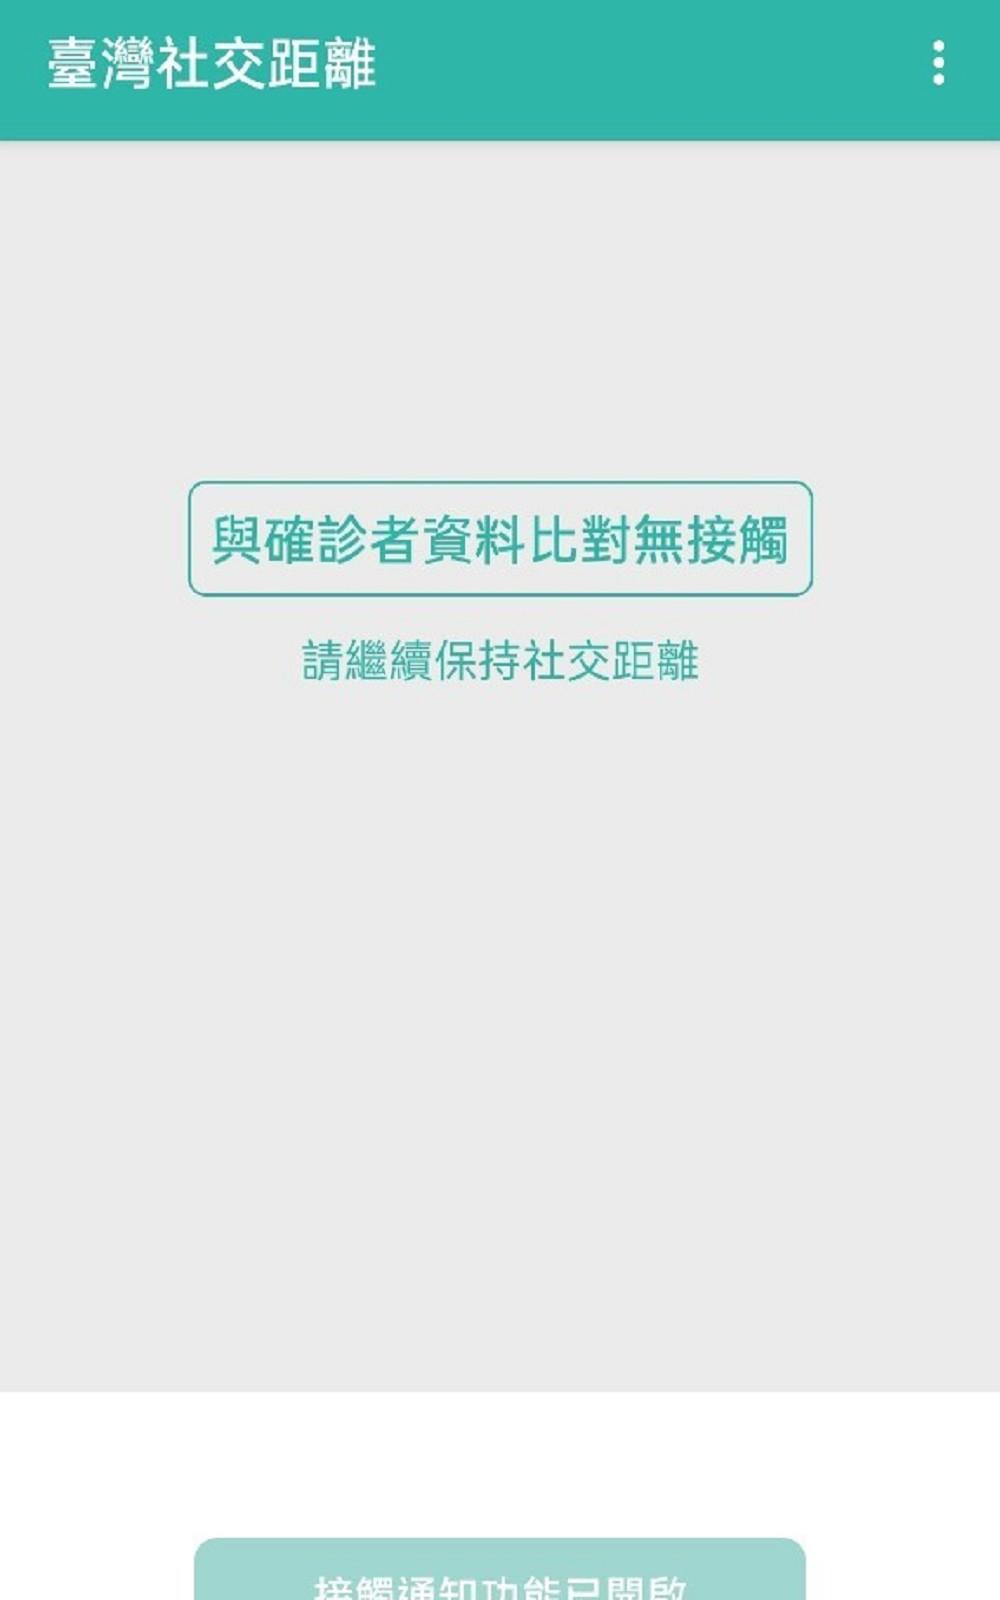 防疫app 口罩app 酒精app 社交距離app